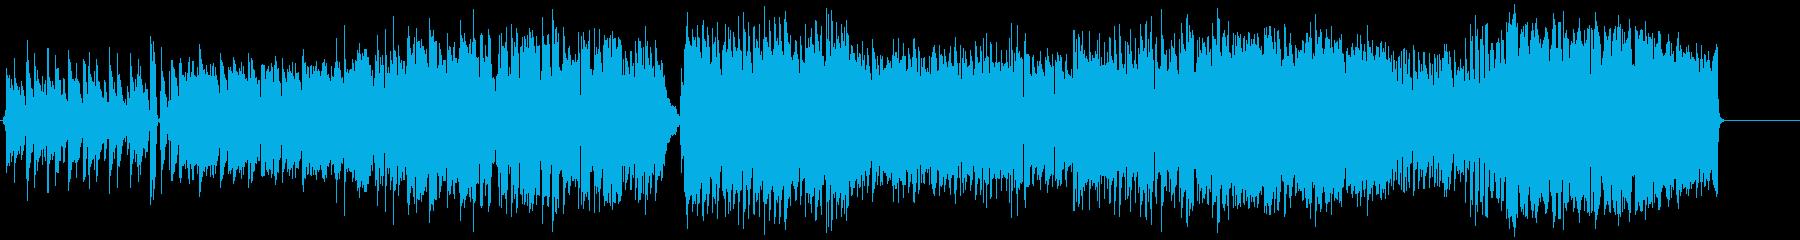 【夕暮れを歩くイメージのBGM】の再生済みの波形